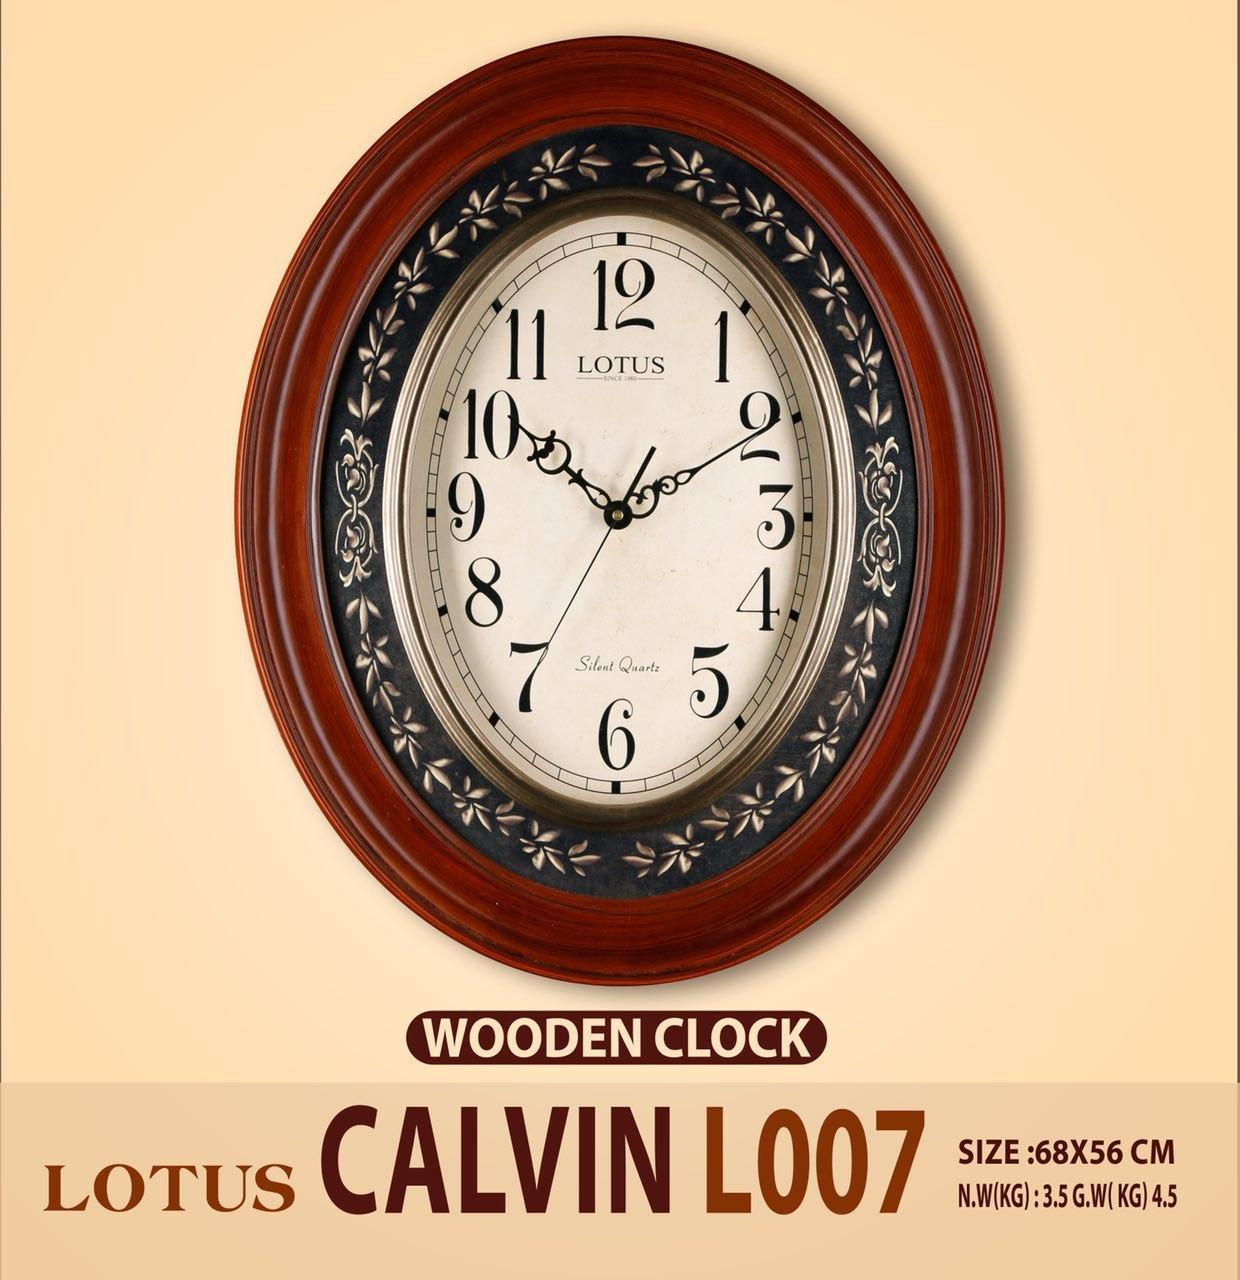 ساعت دیواری چوبی لوتوس مدل کالوین 007